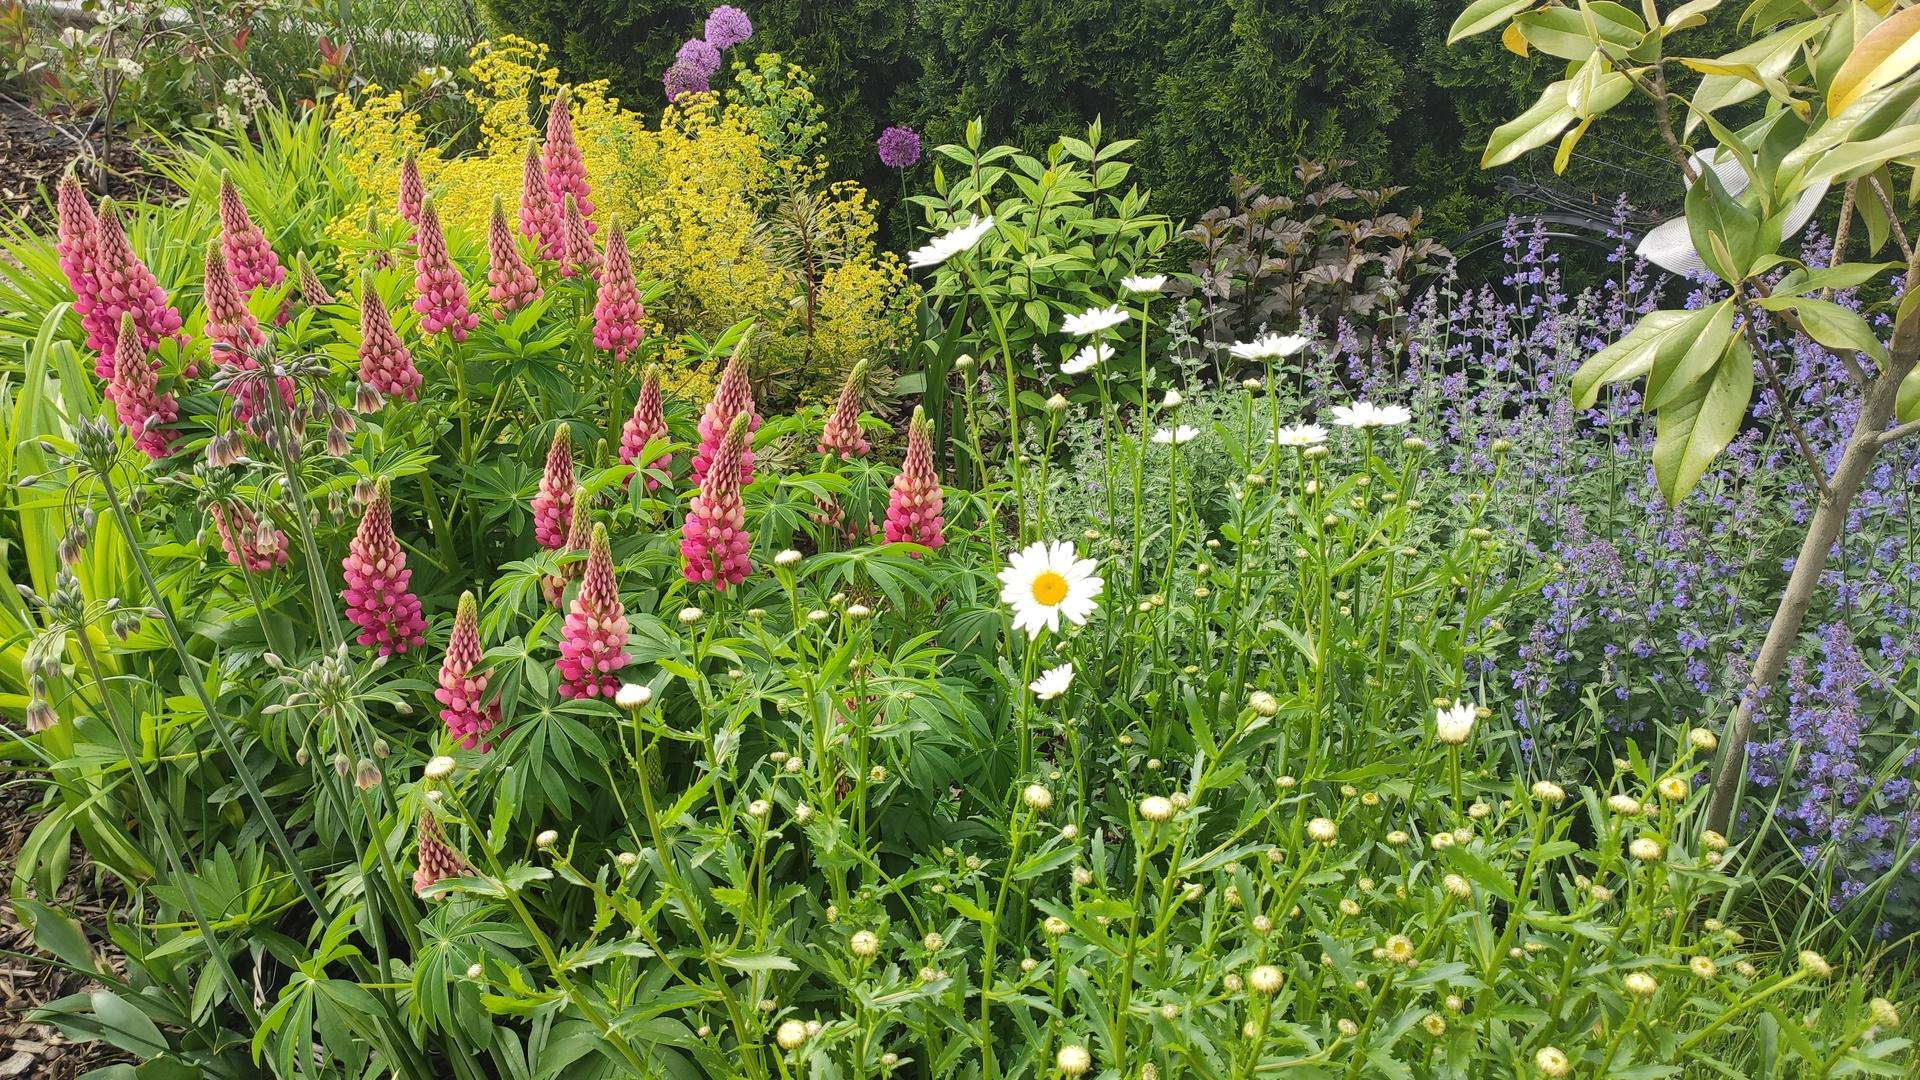 záhrada vidiecka, farebná rok 2021 - Obrázok č. 83